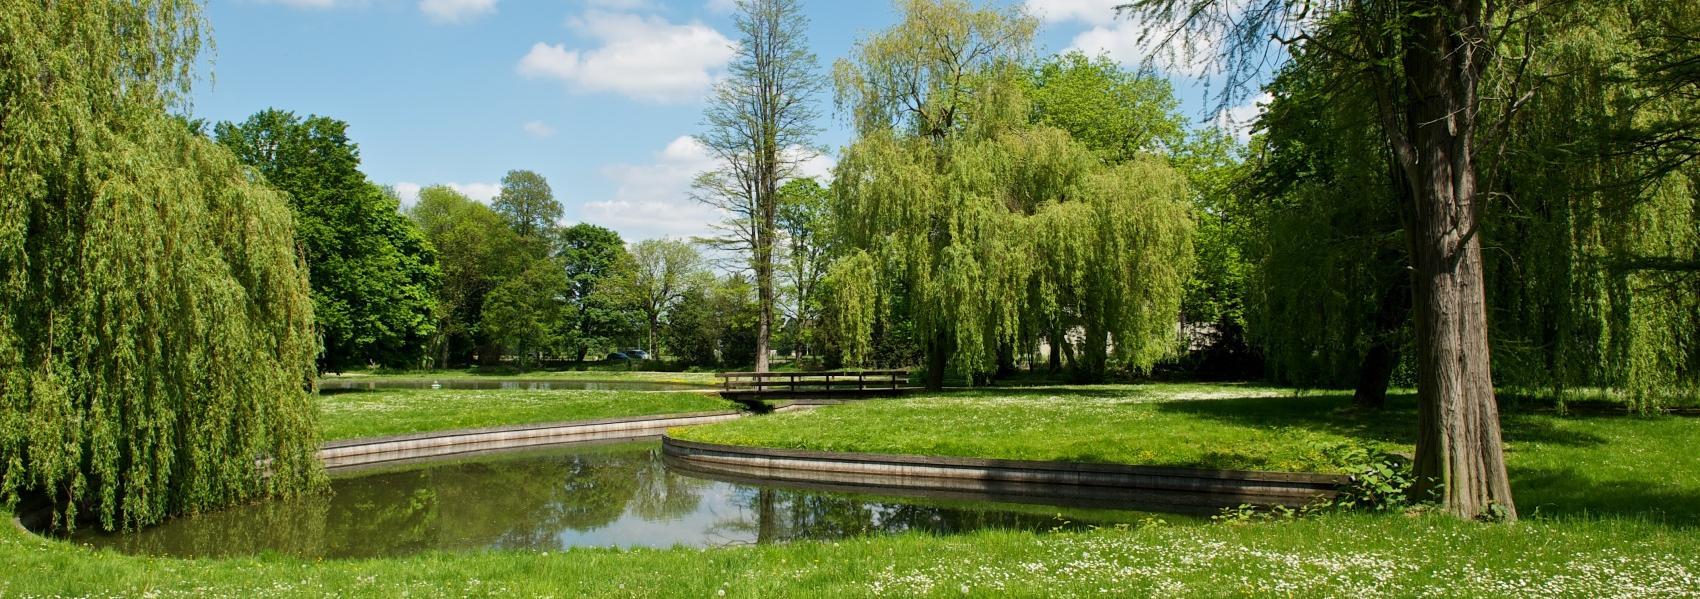 zicht op het water in het park